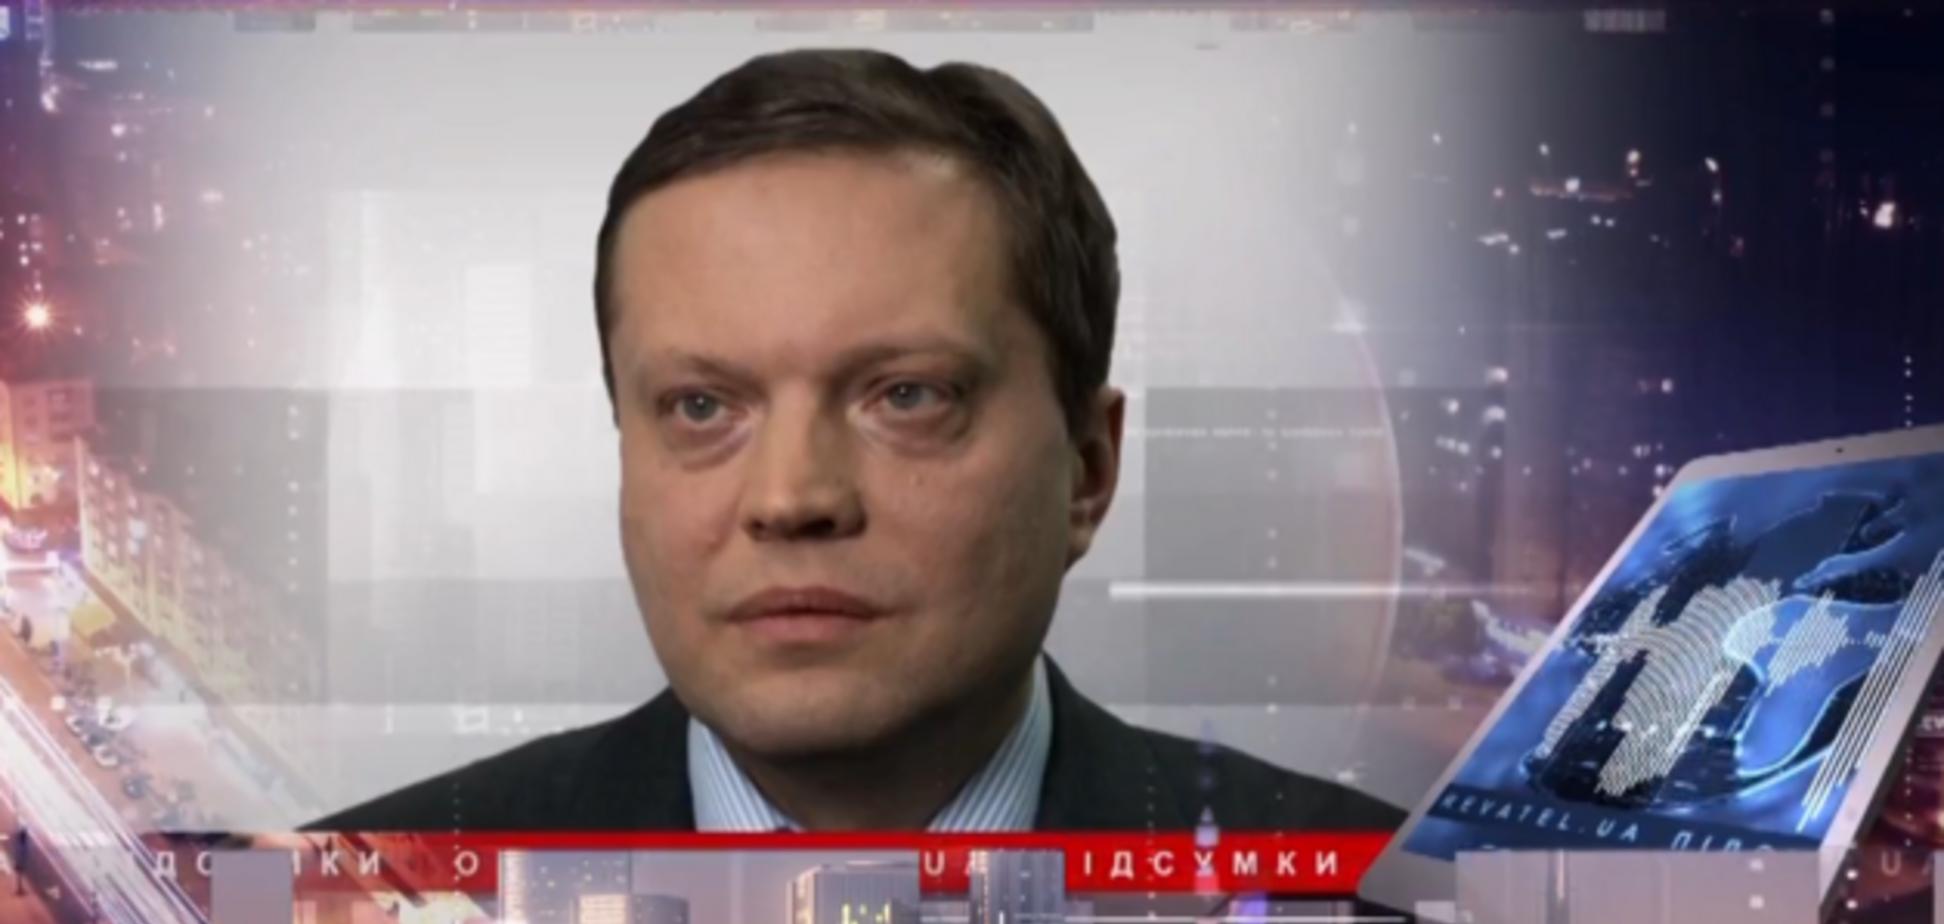 Немає ніякого сенсу: експерт дав оцінку новій угоді з ''Газпромом''